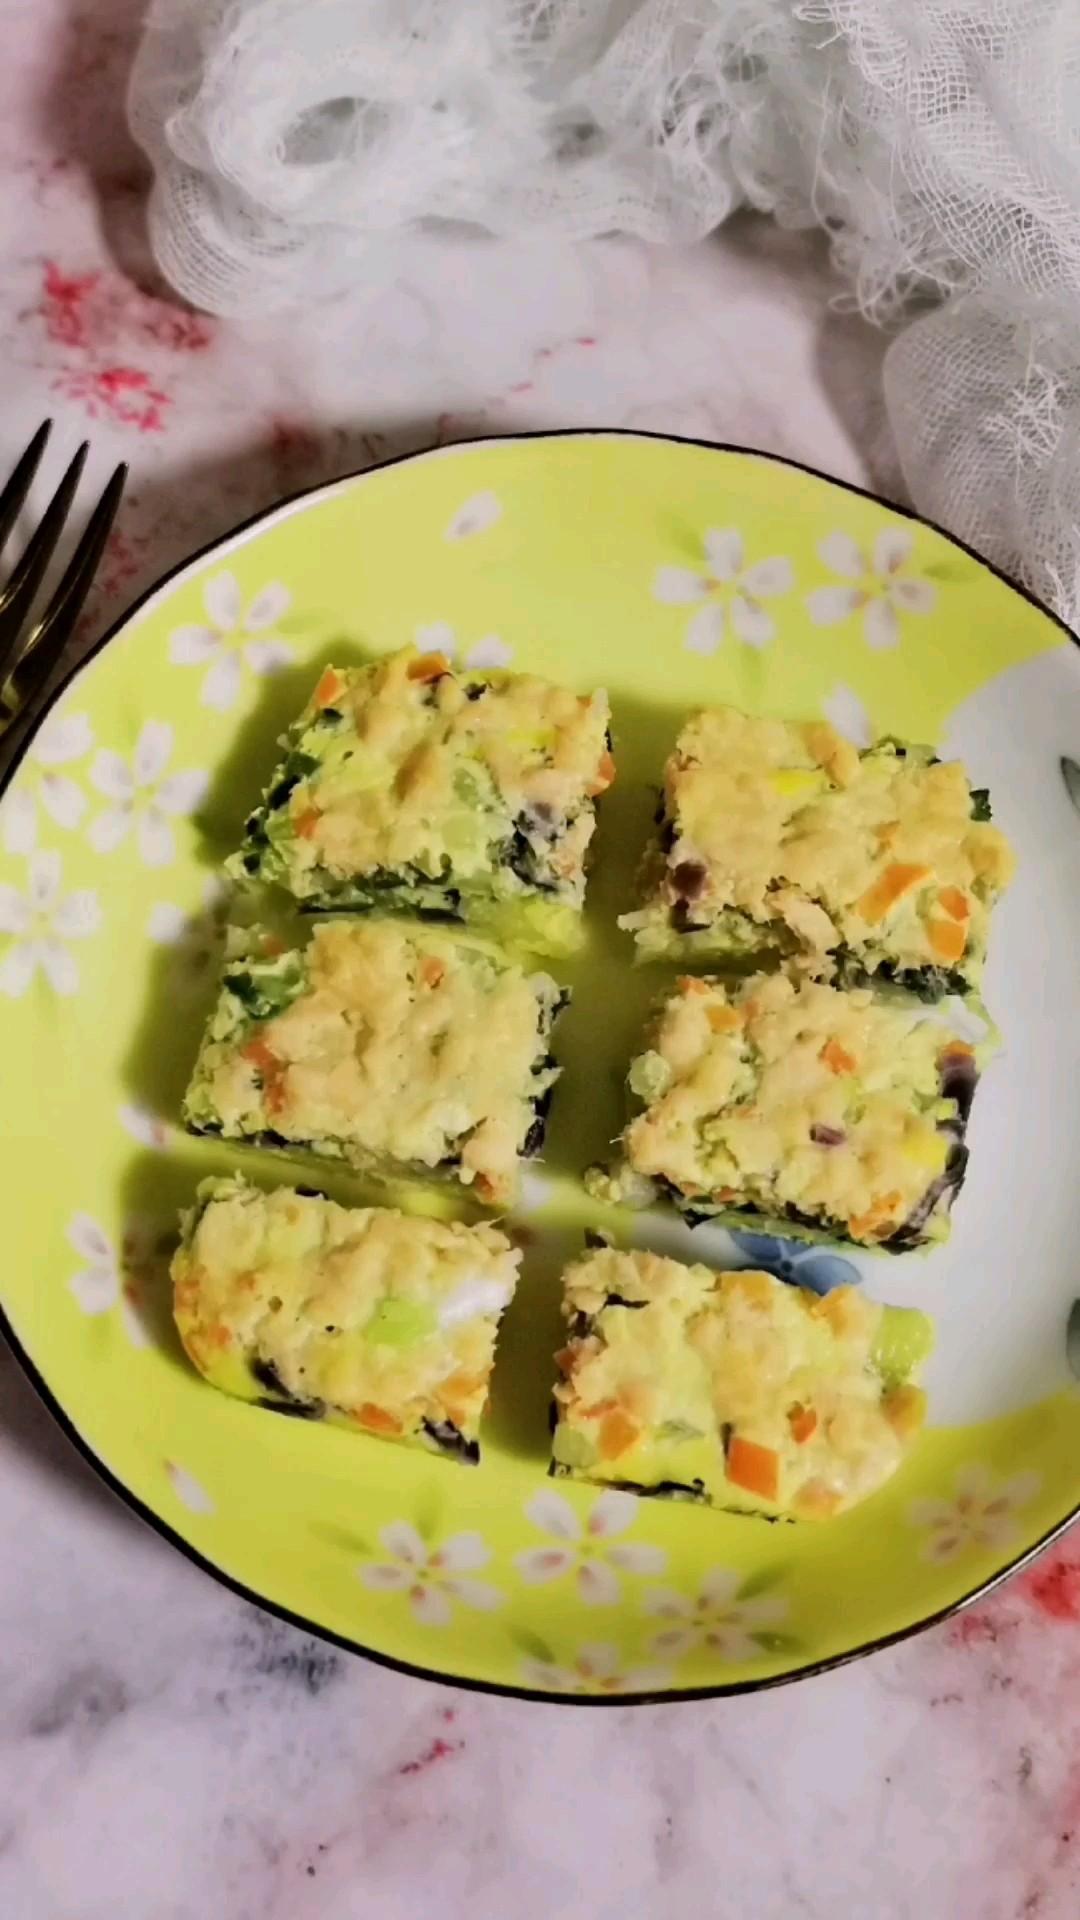 三文鱼鸡蛋米糕的做法大全